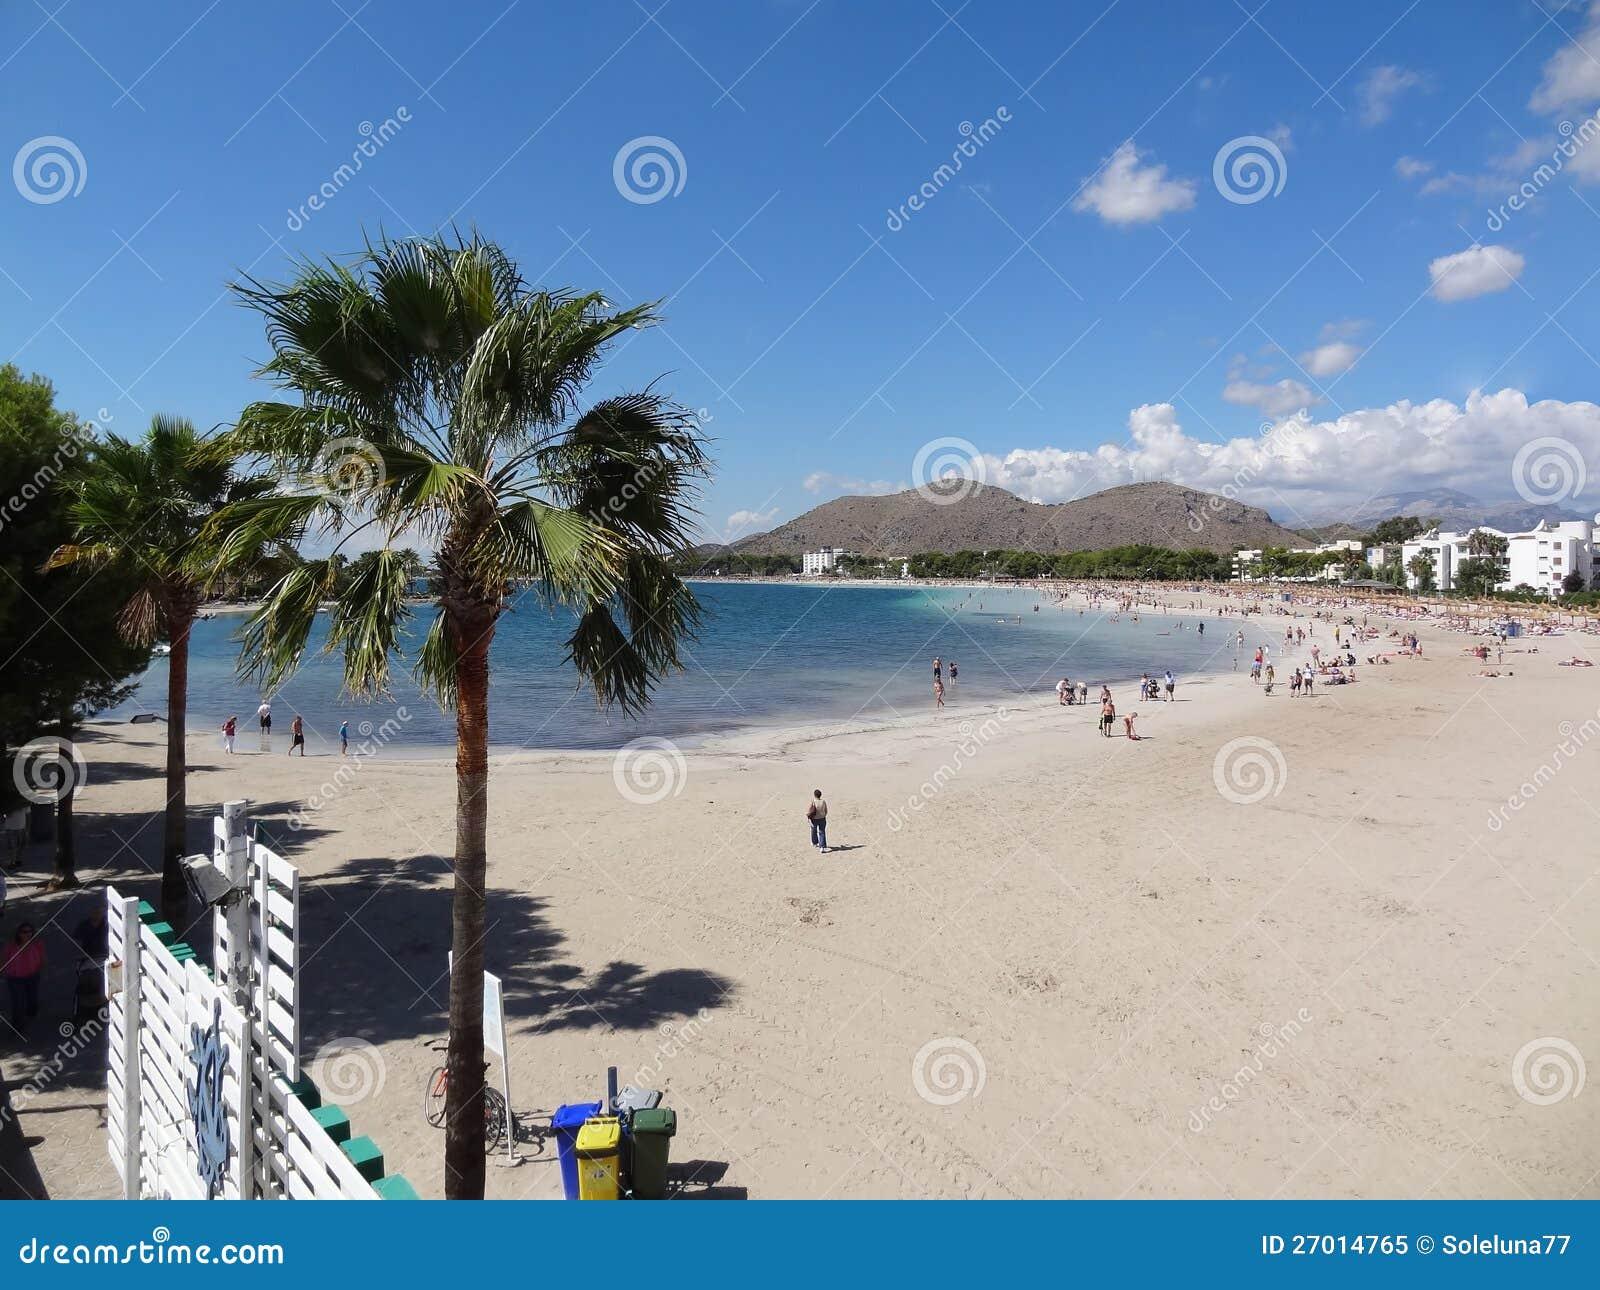 Palma de mallorca spiaggia di alcudia fotografia stock - Fotografia palma de mallorca ...